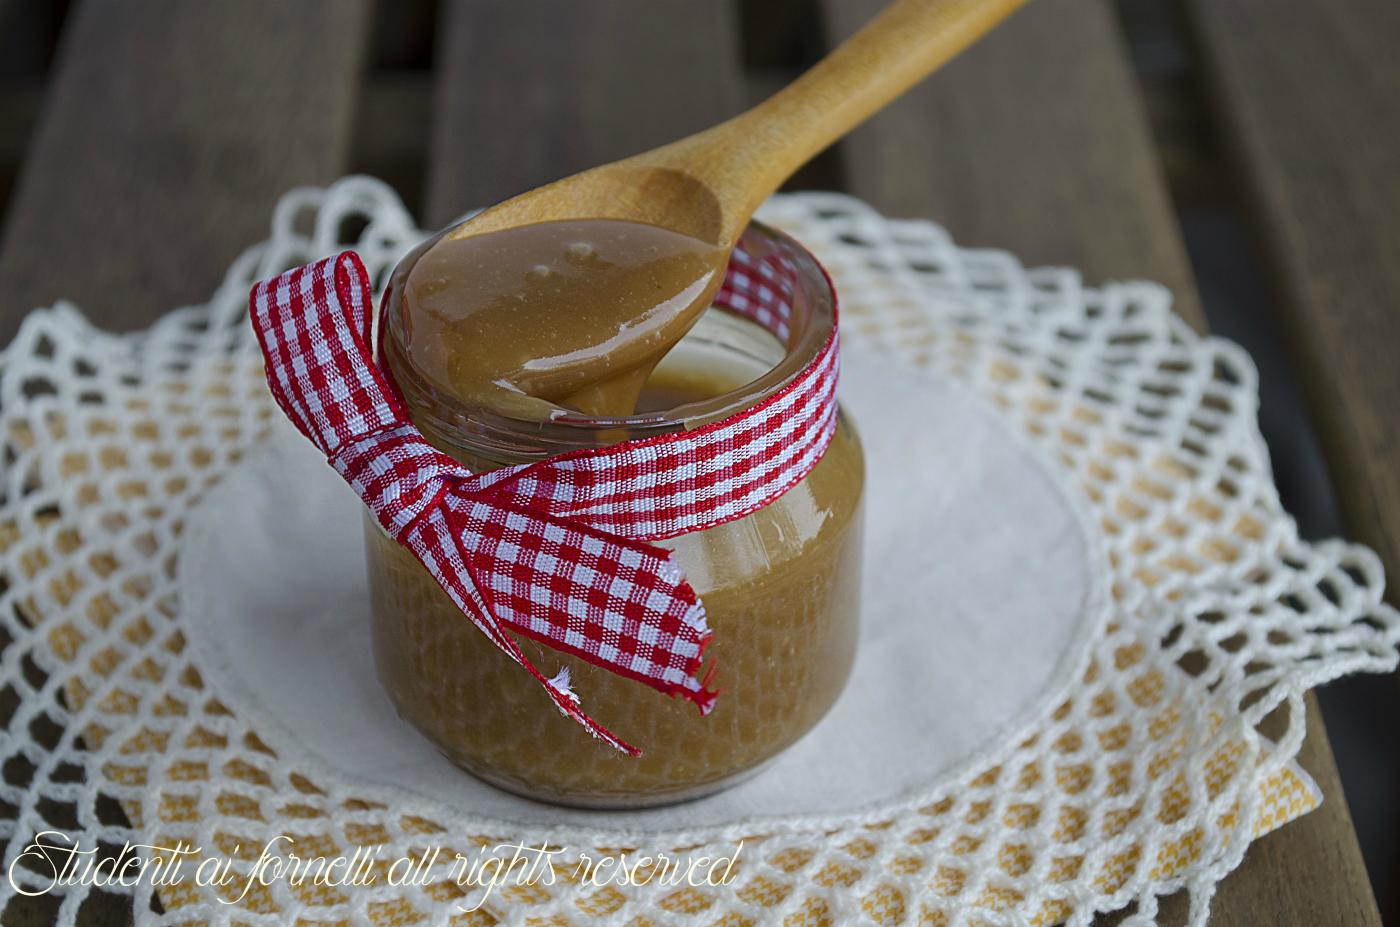 caramello mou fatto in casa facile e veloce goloso per dolci ricetta